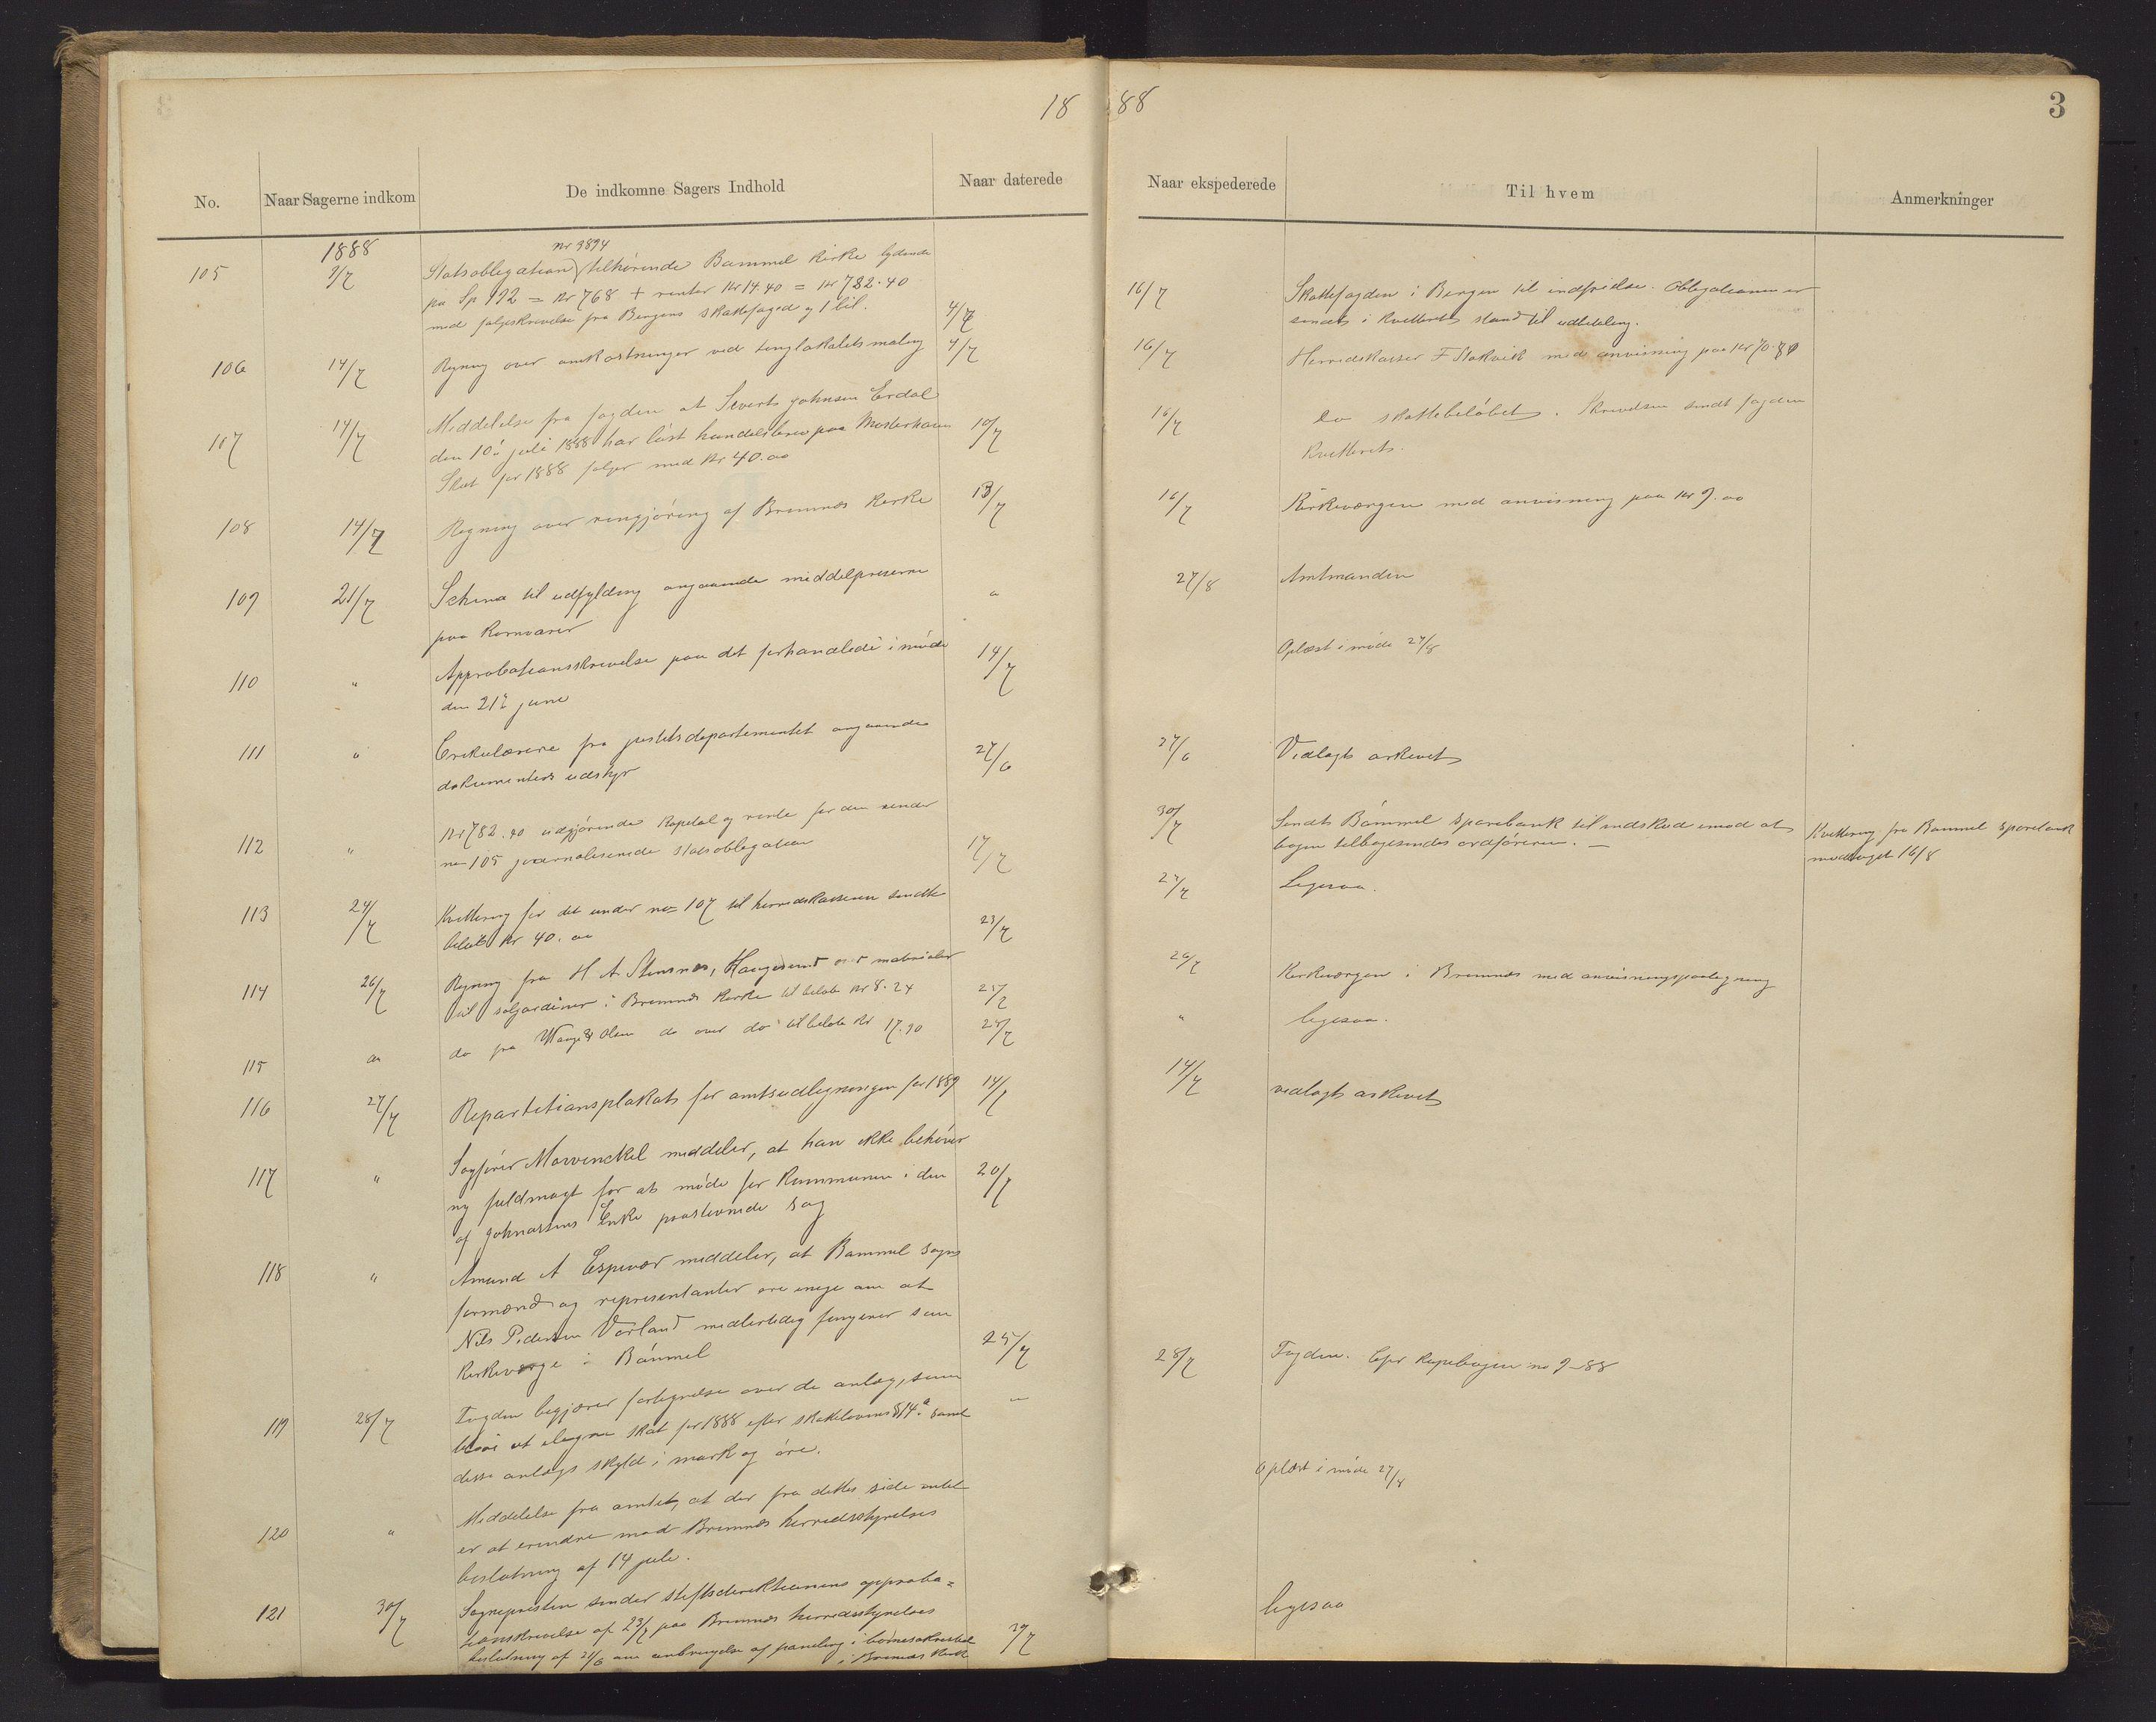 IKAH, Finnaas kommune. Formannskapet, C/Ca/L0002: Postjournal for formannskapet, 1888-1901, s. 3